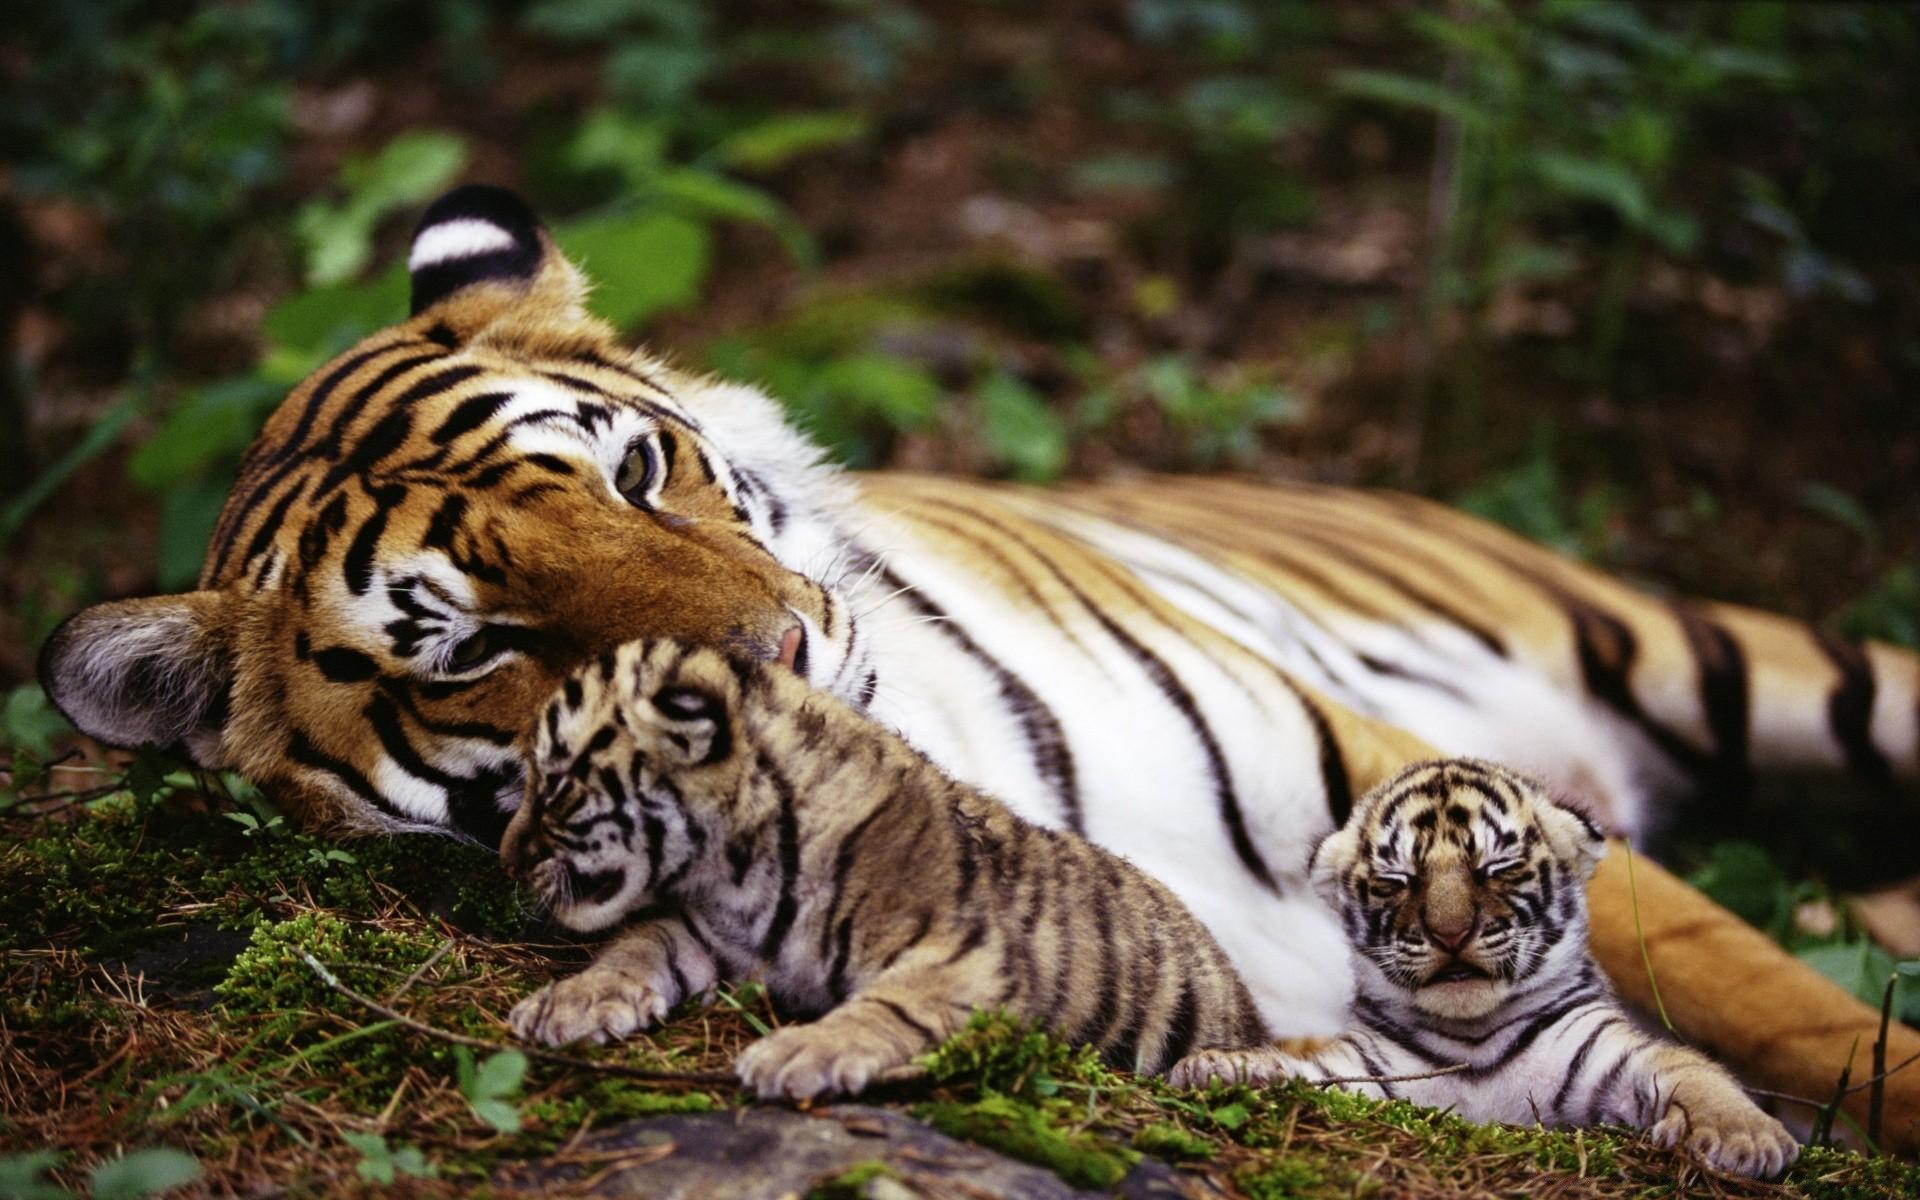 обои на телефон тигрята фотообои чтобы привлекать внимание